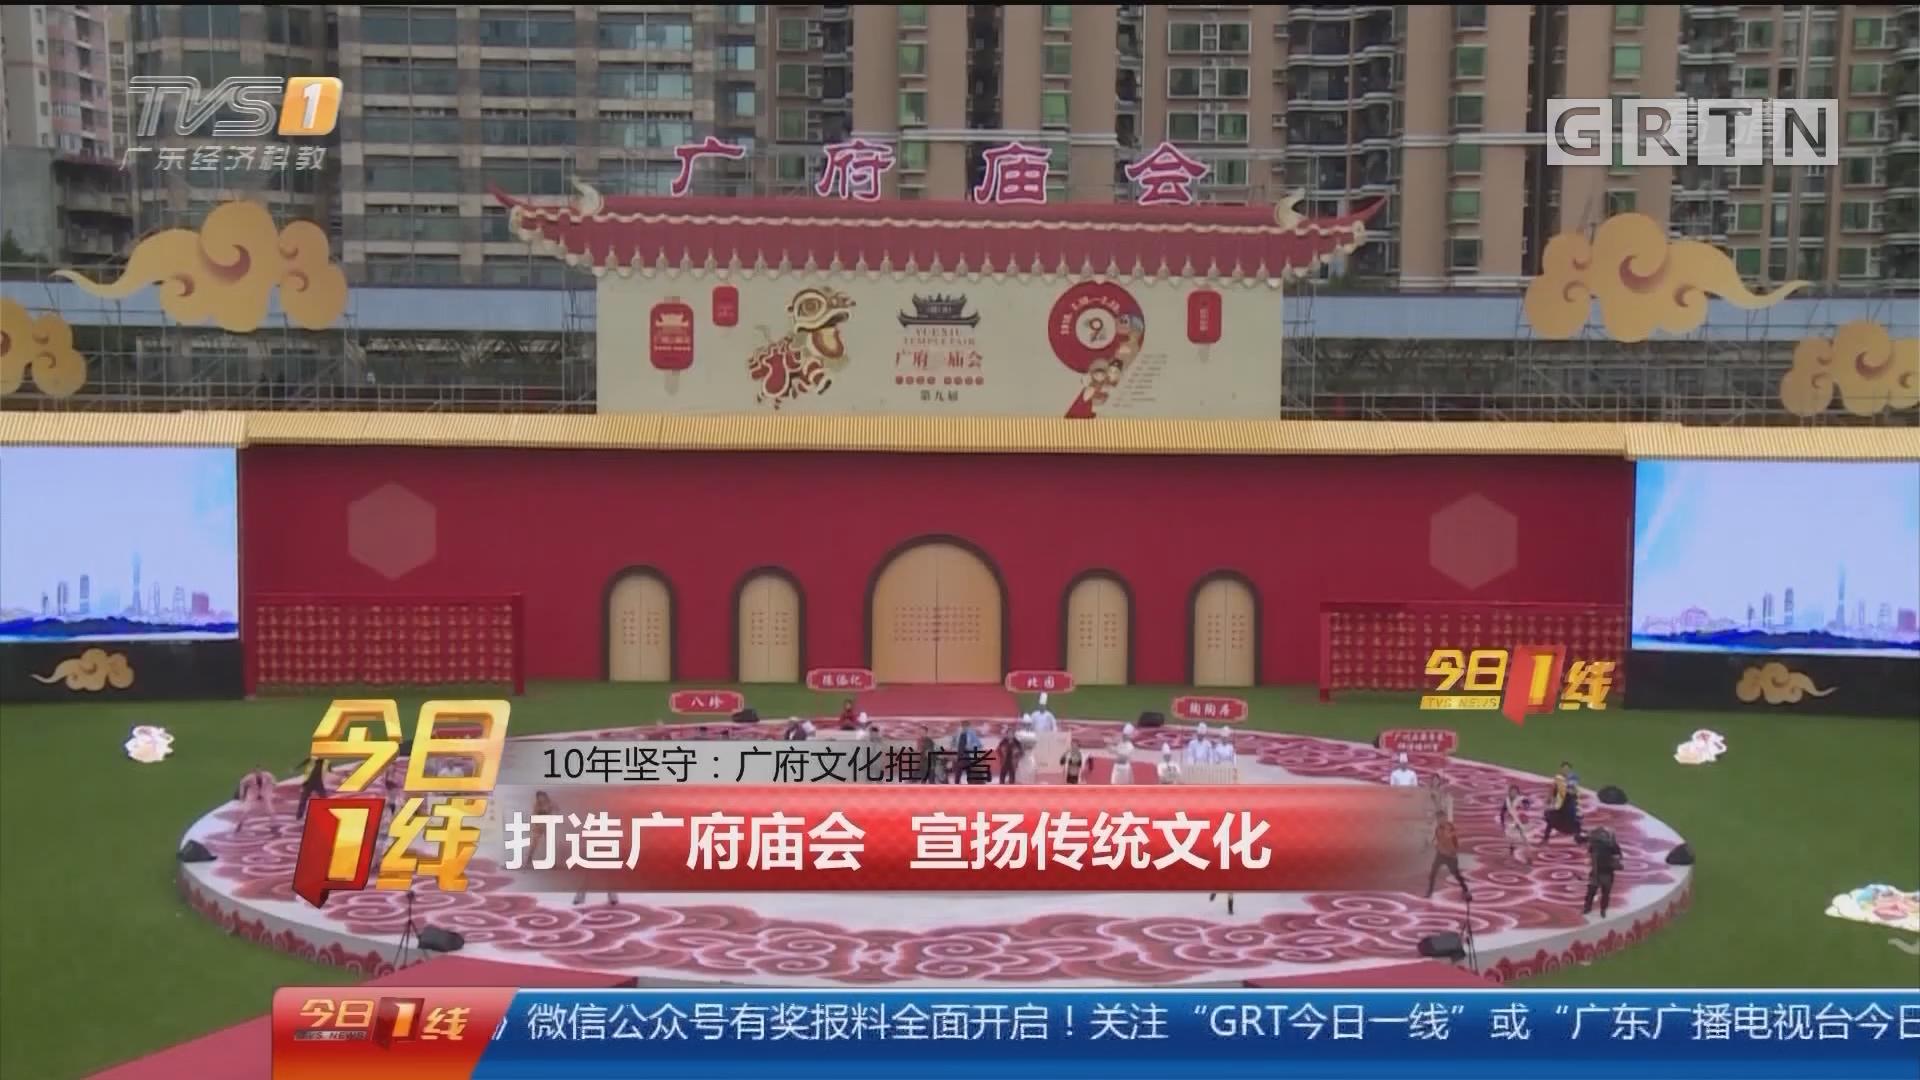 10年坚守:广府文化推广者 打造广府庙会 宣扬传统文化